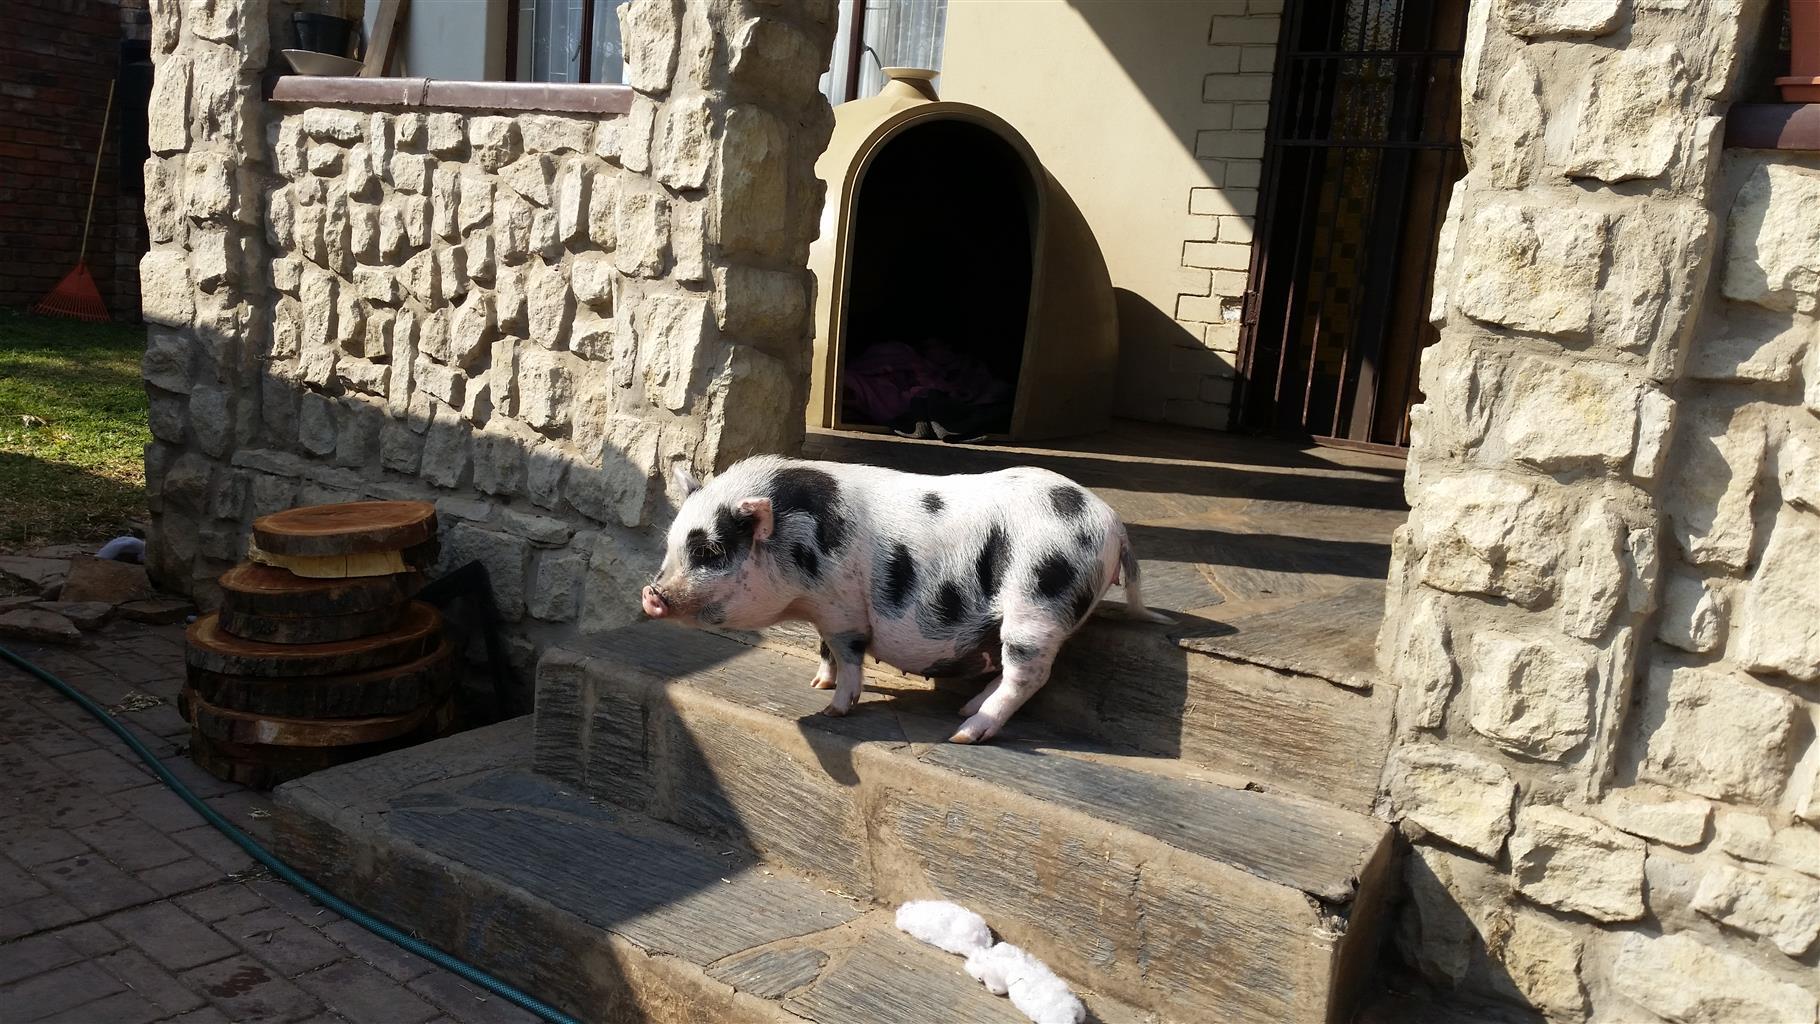 Pig for adoption